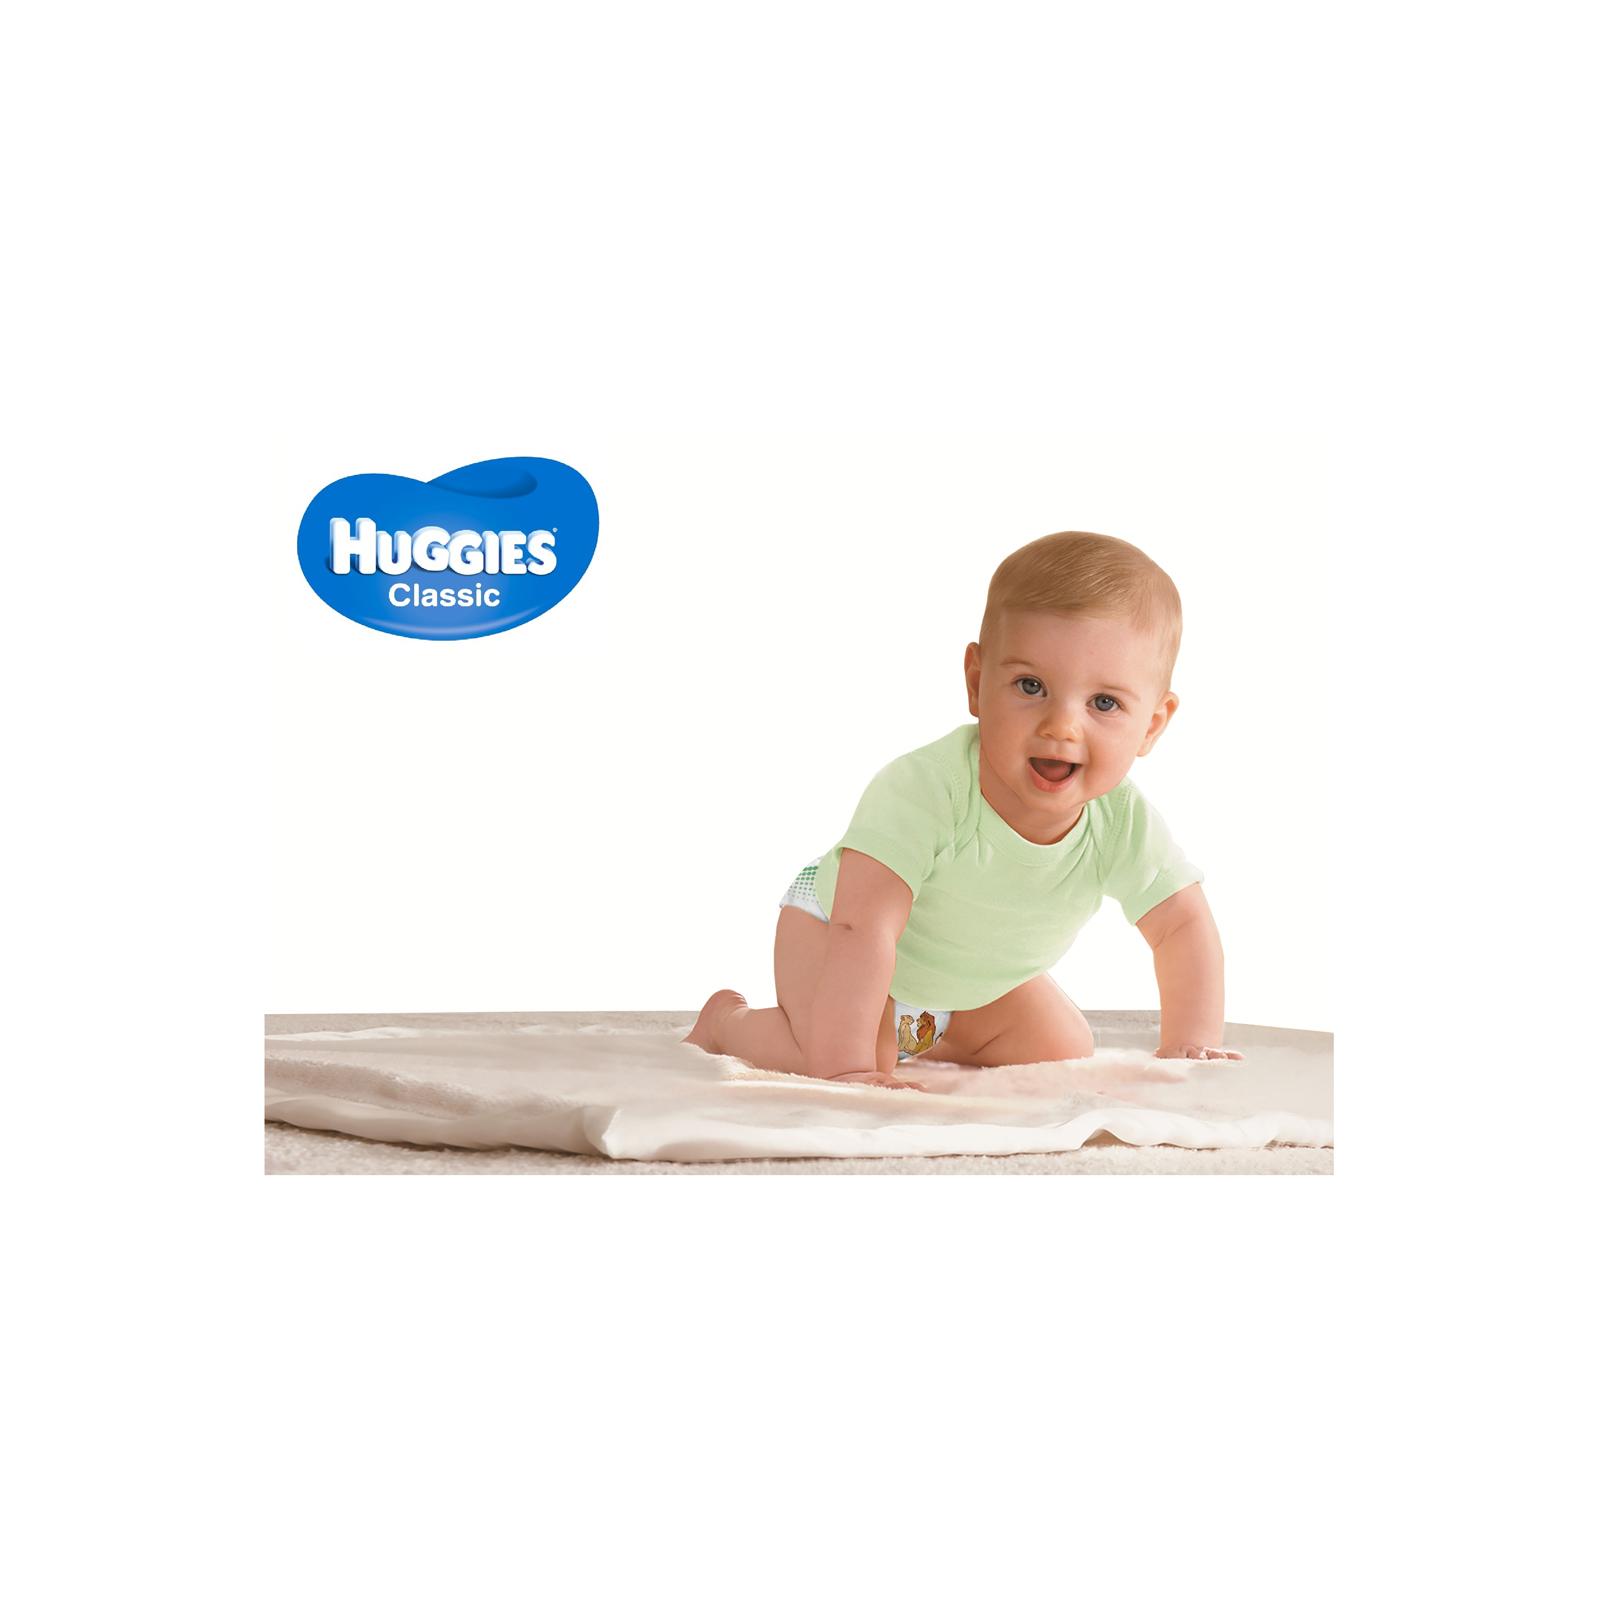 Подгузники Huggies Сlassic 3-6 кг (37 шт) Размер 2